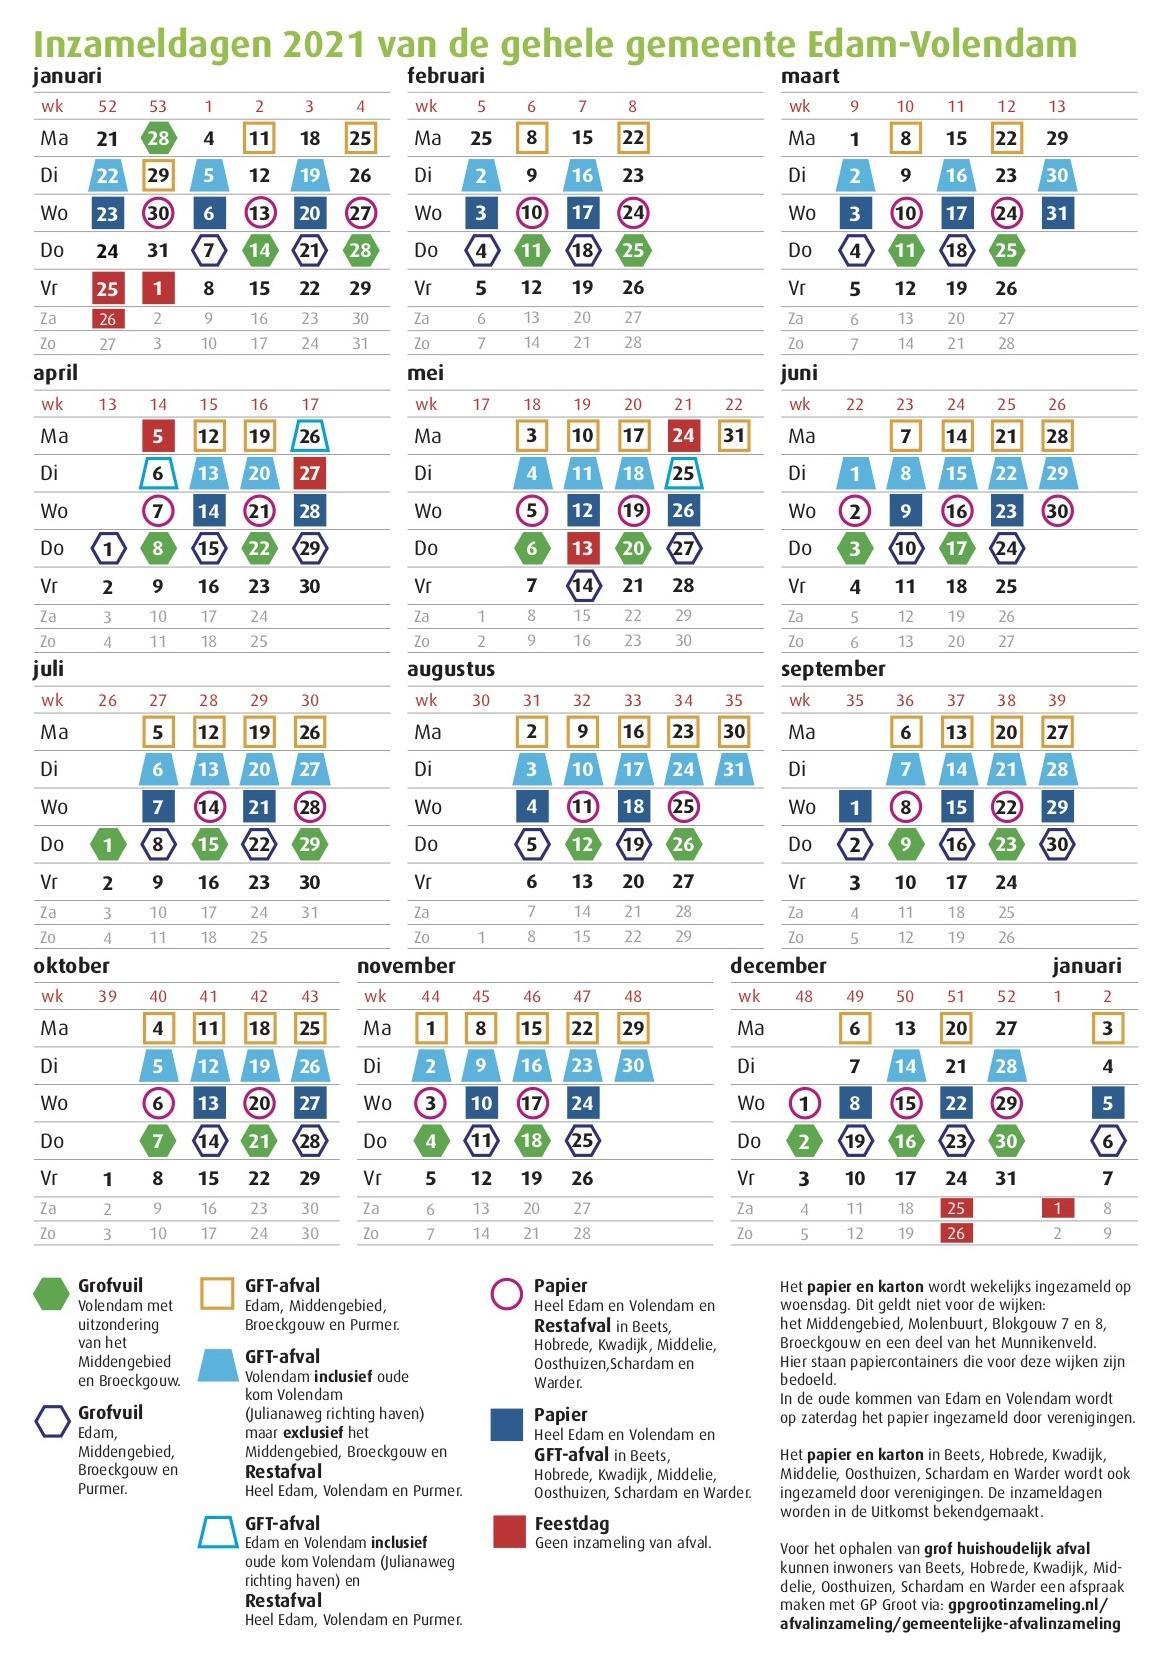 Gezeur over 'ingewikkelde' afvalinzamelingskalender Edam-Volendam, maar waarom eigenlijk? Hij is hartstikke duidelijk